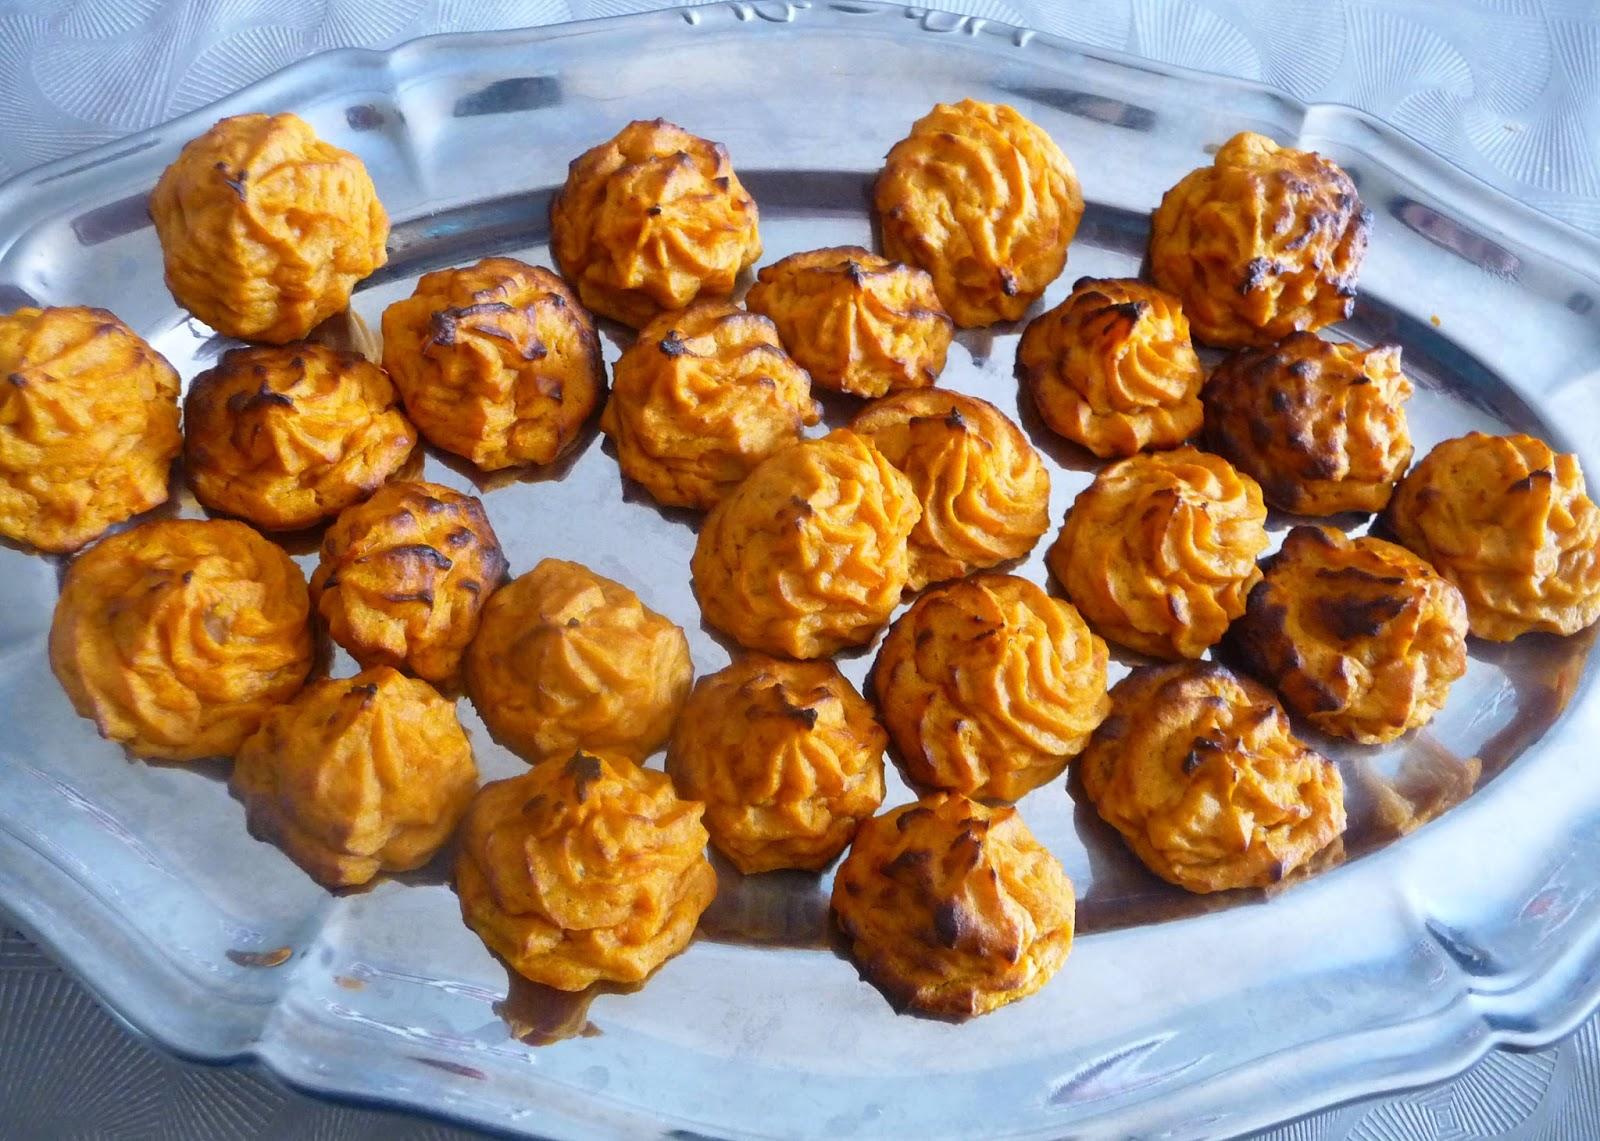 Cuill re aiguille et scie sauteuse duchesses de patate - Idee recette patate douce ...